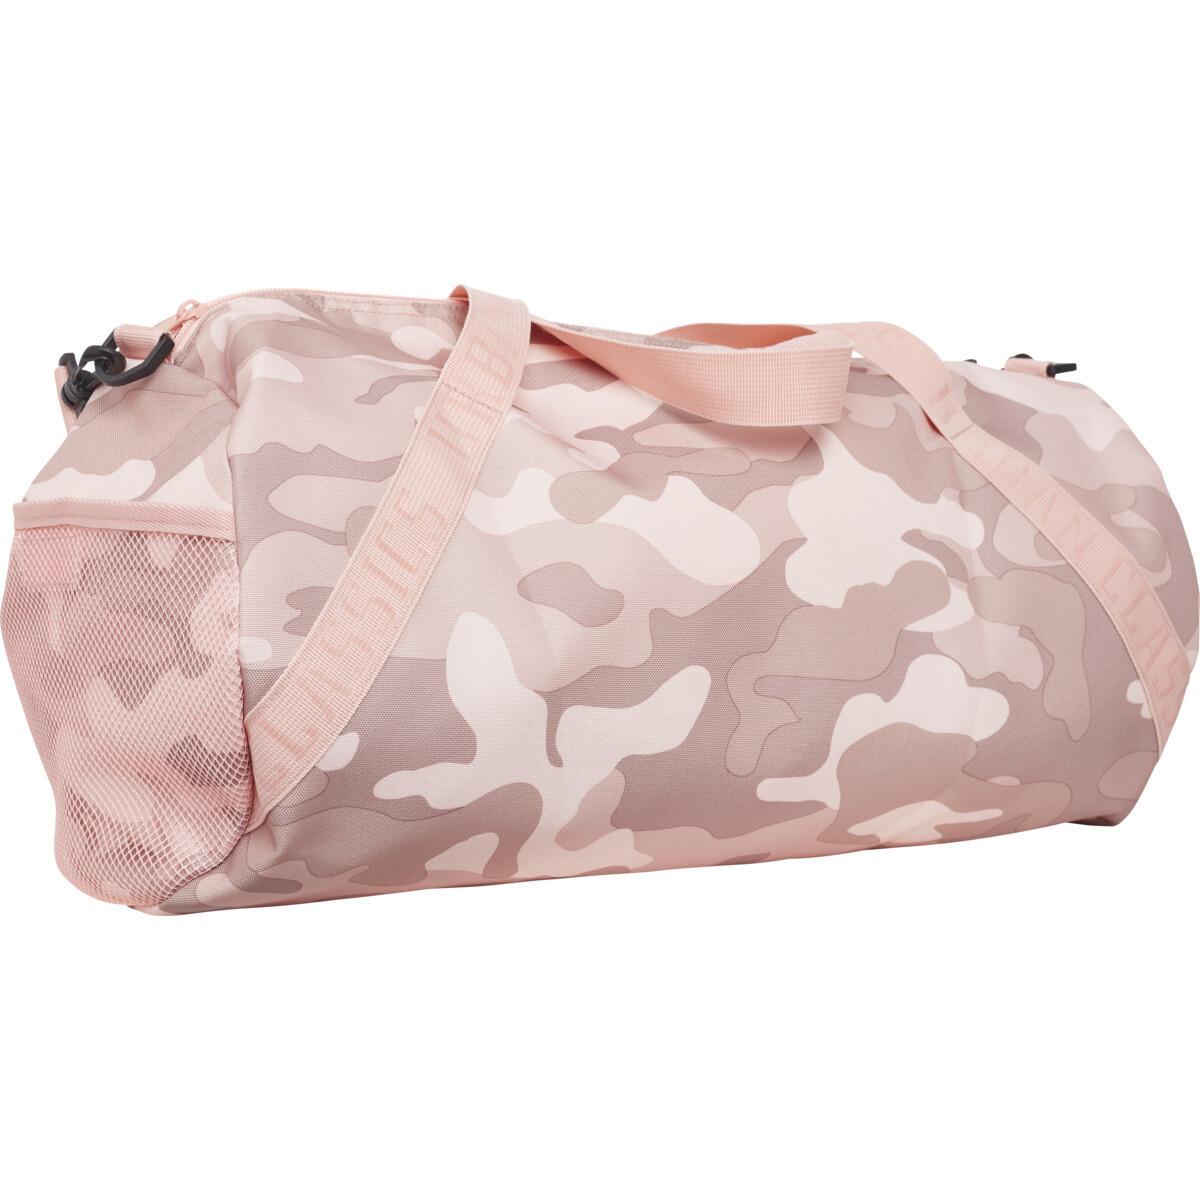 Sports Bag - Rose Camo